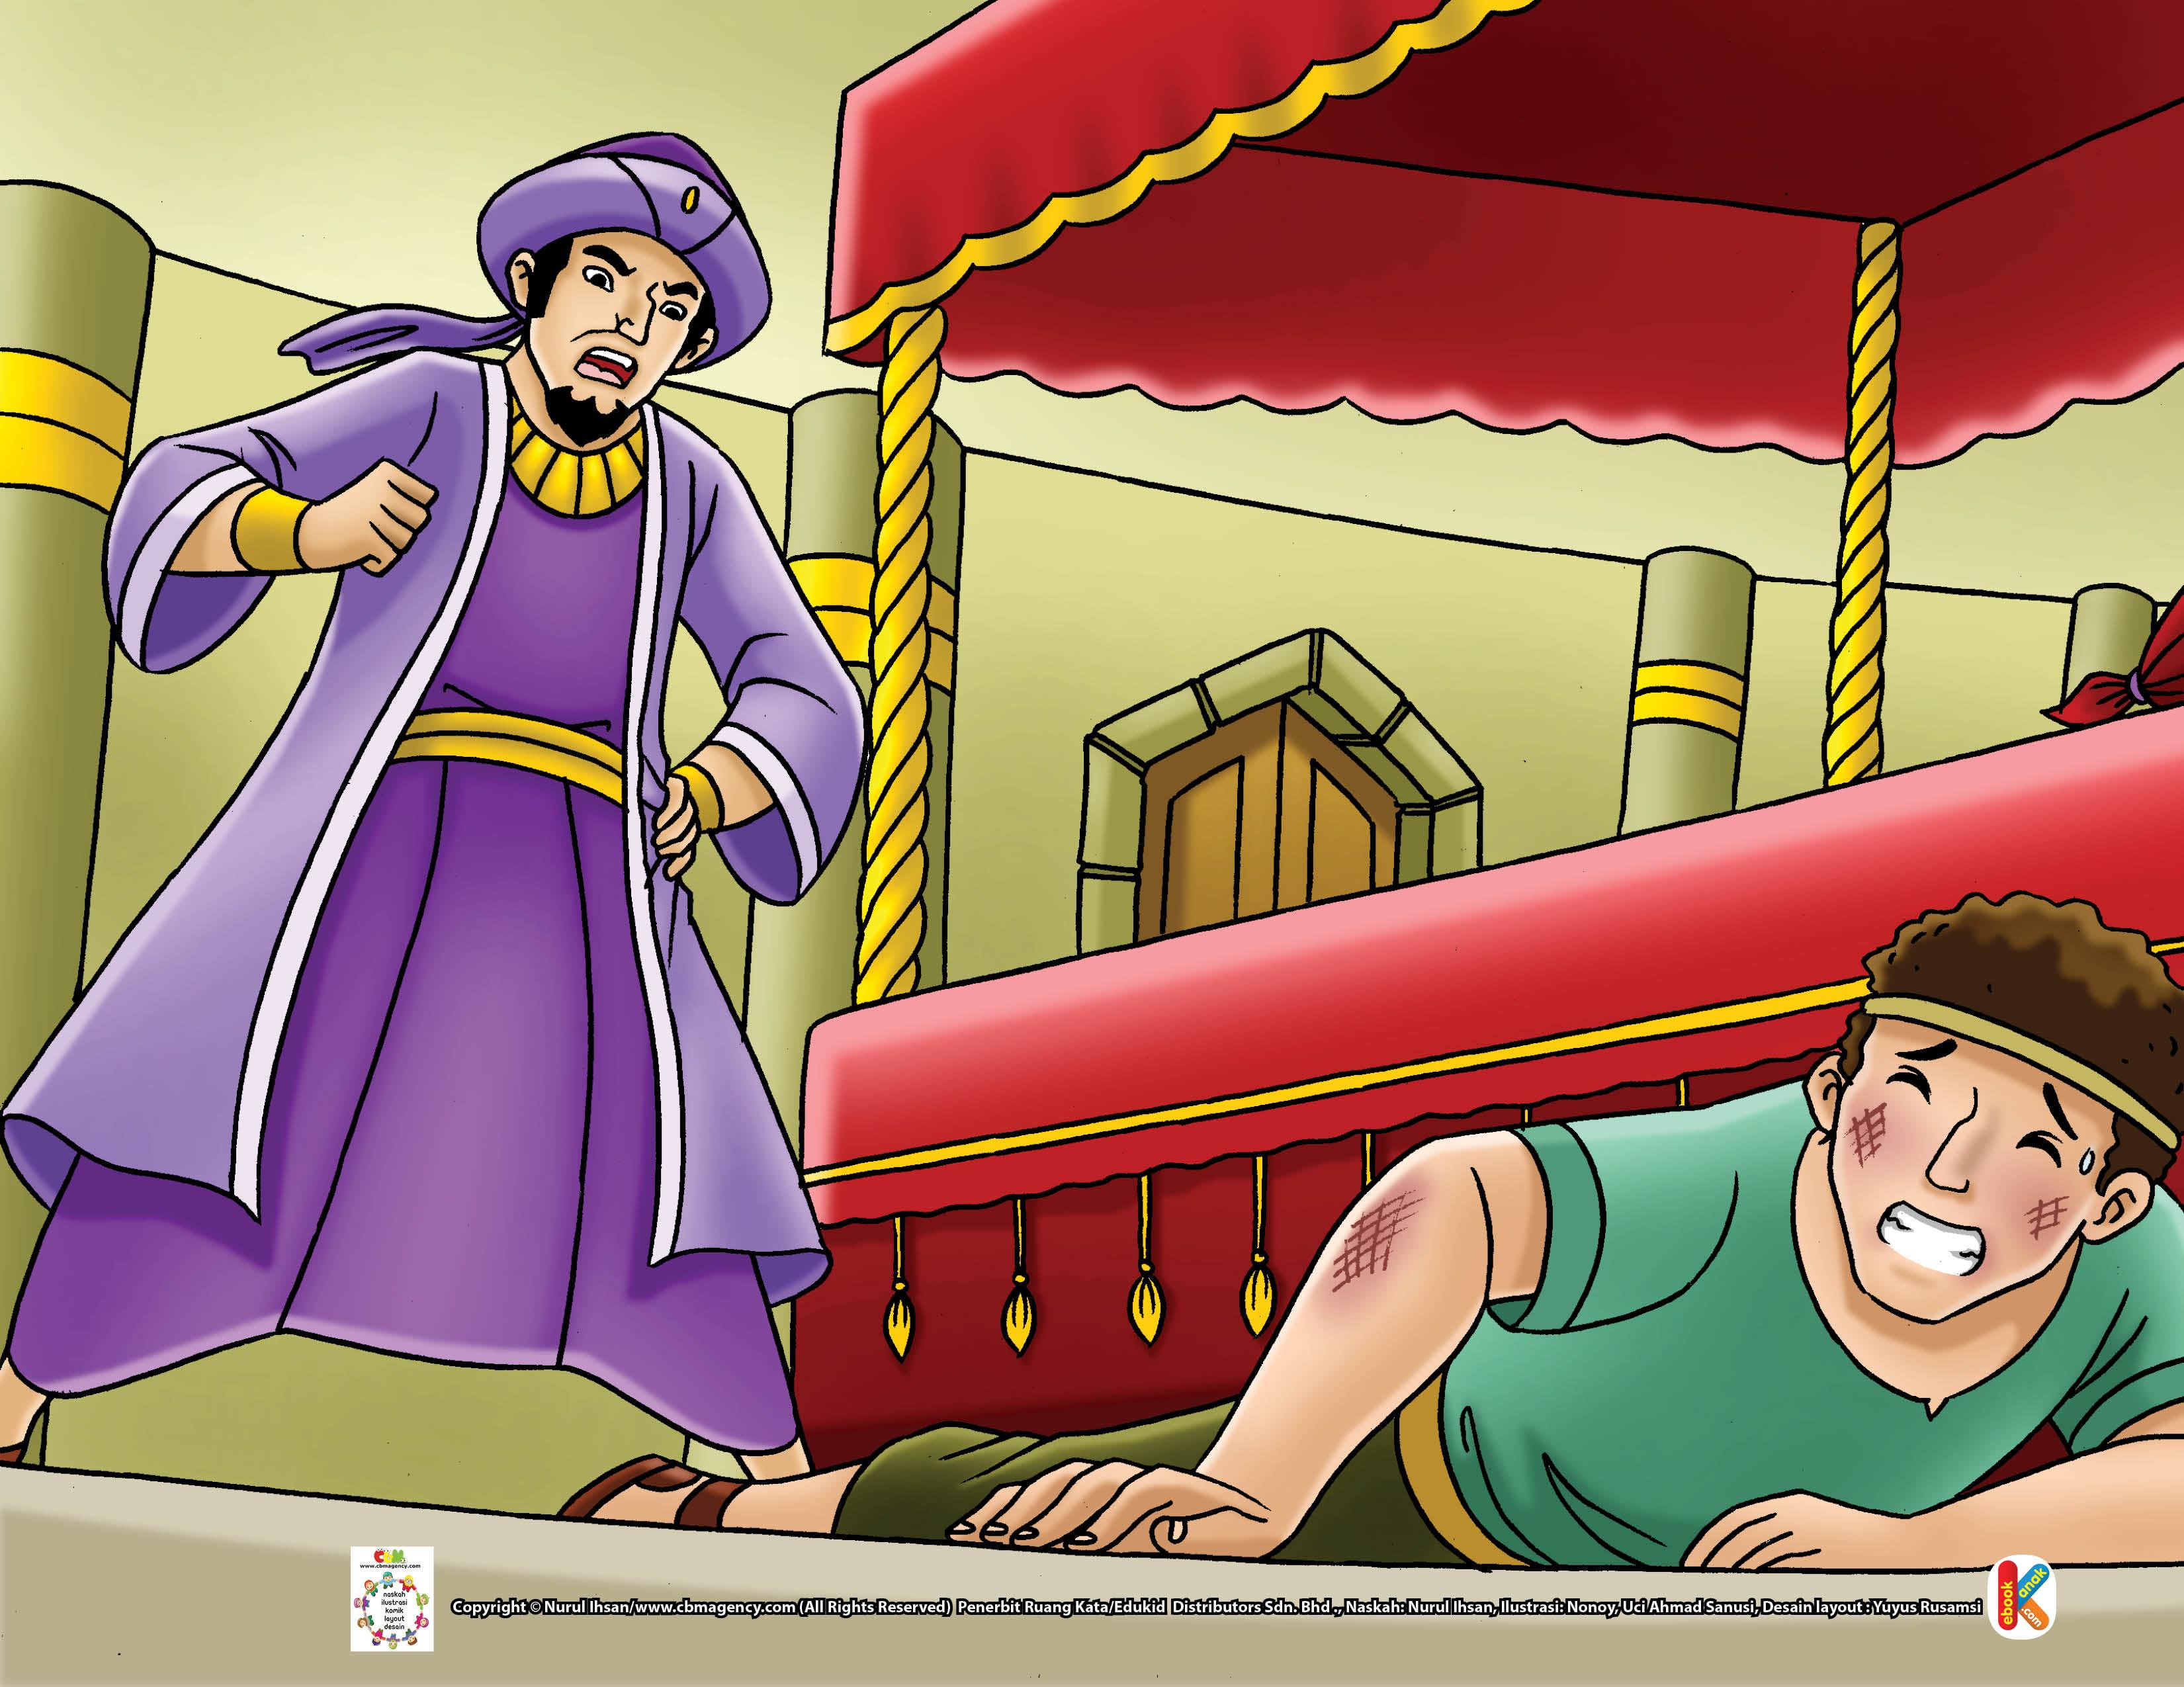 Suatu hari, Ibrahim bin Adam memergoki salah seorang pembantunya ketiduran di kamarnya.